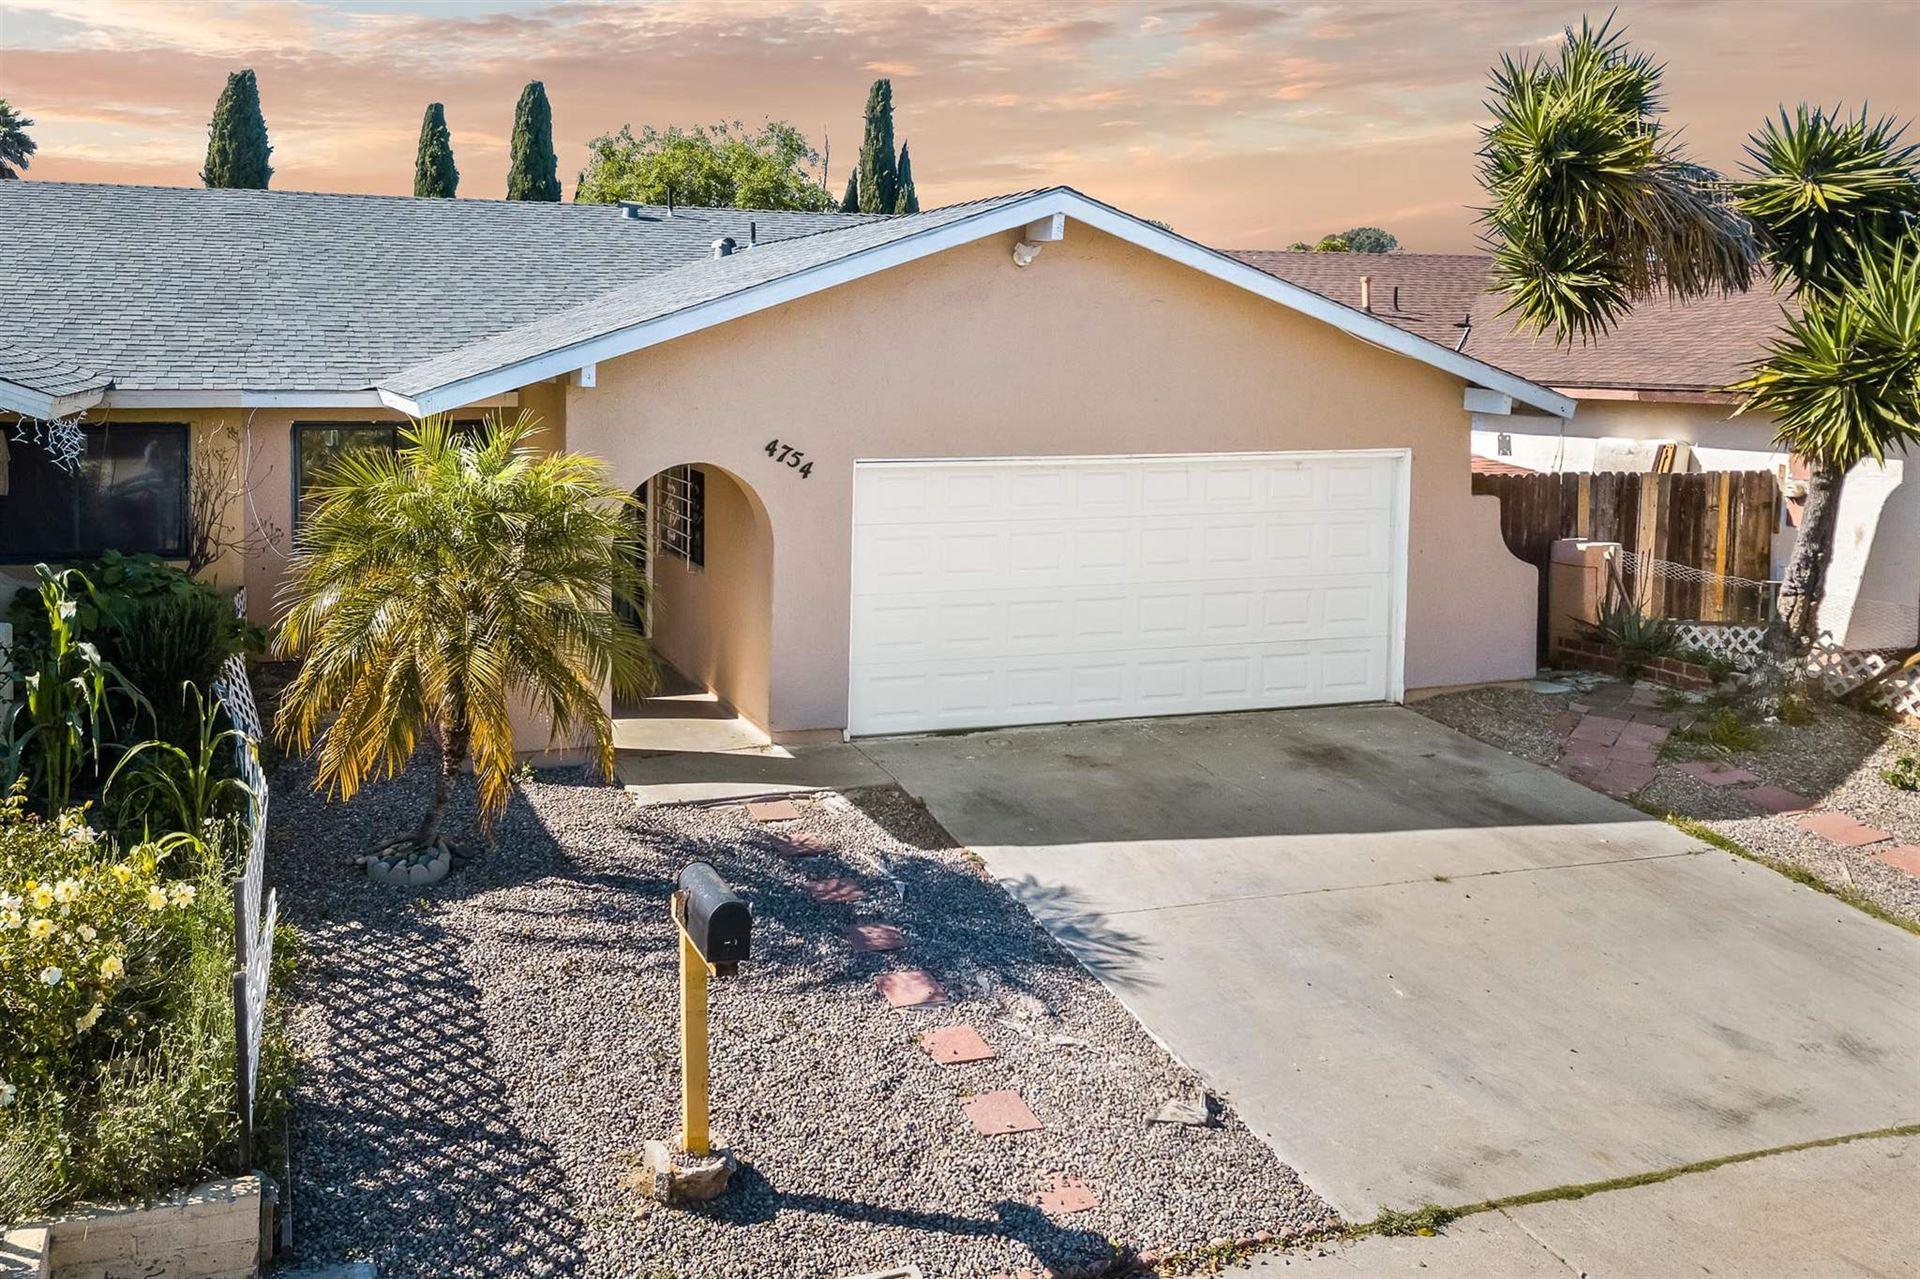 Photo of 4754 Calle Los Santos, Oceanside, CA 92057 (MLS # 200045744)